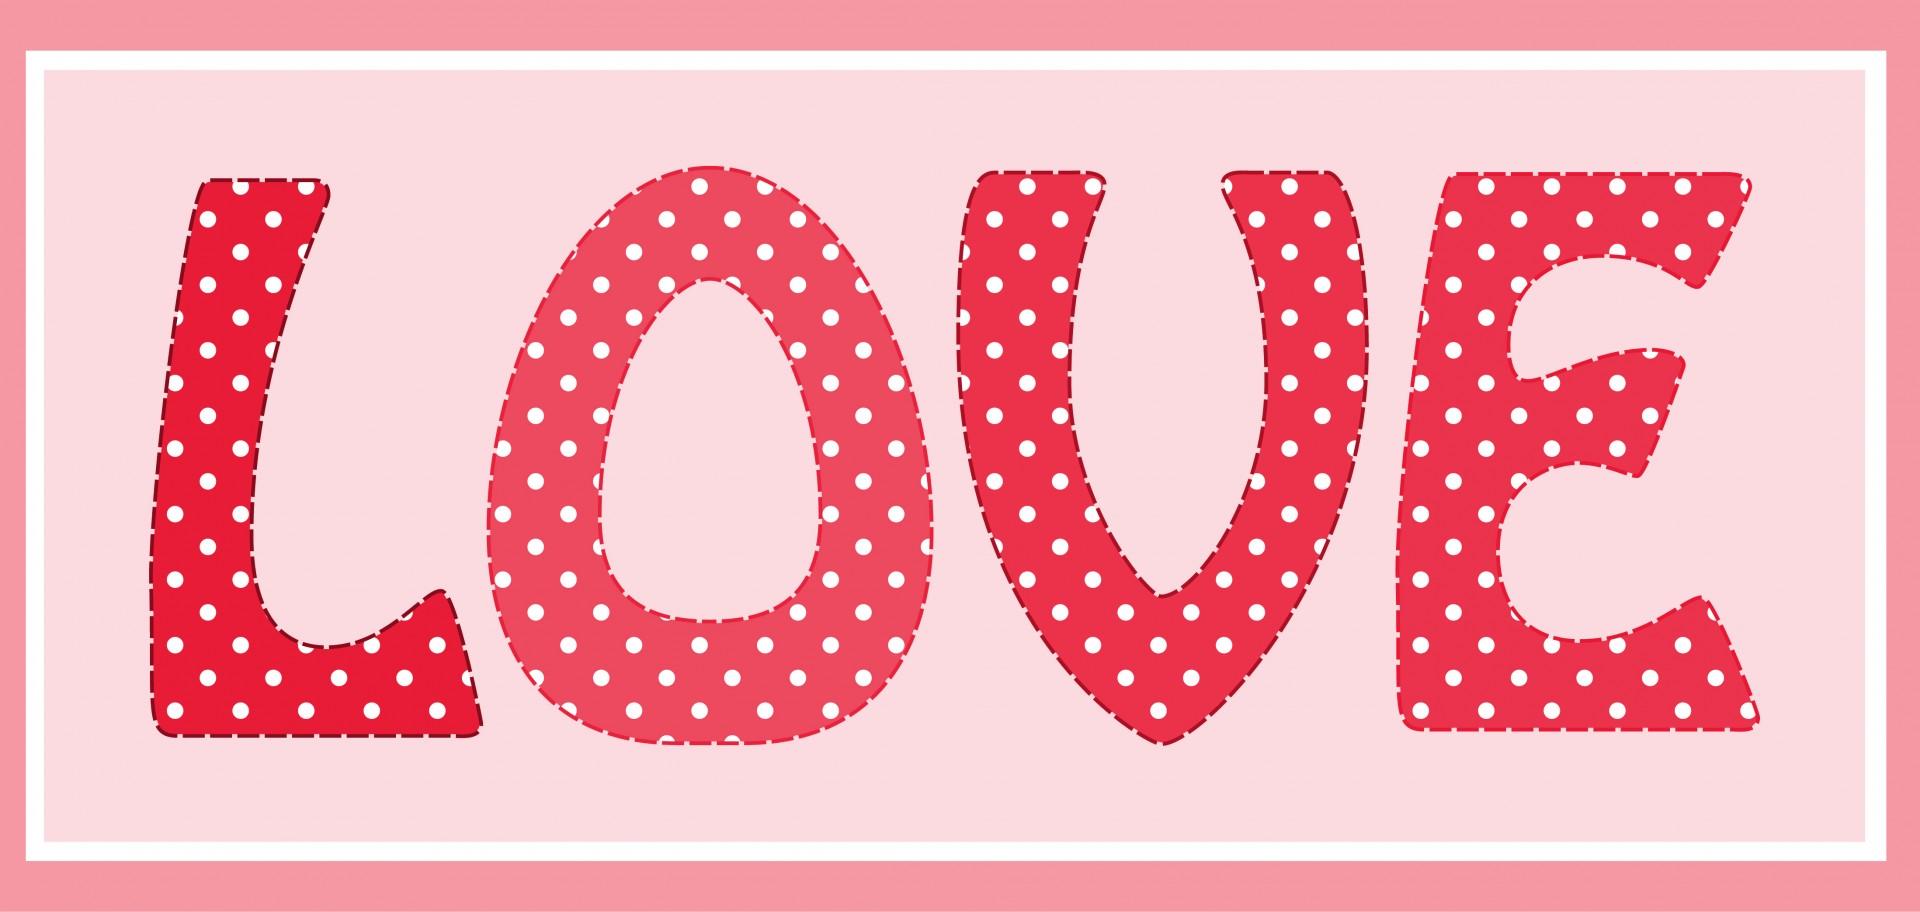 Love Pink Polka Dots Text